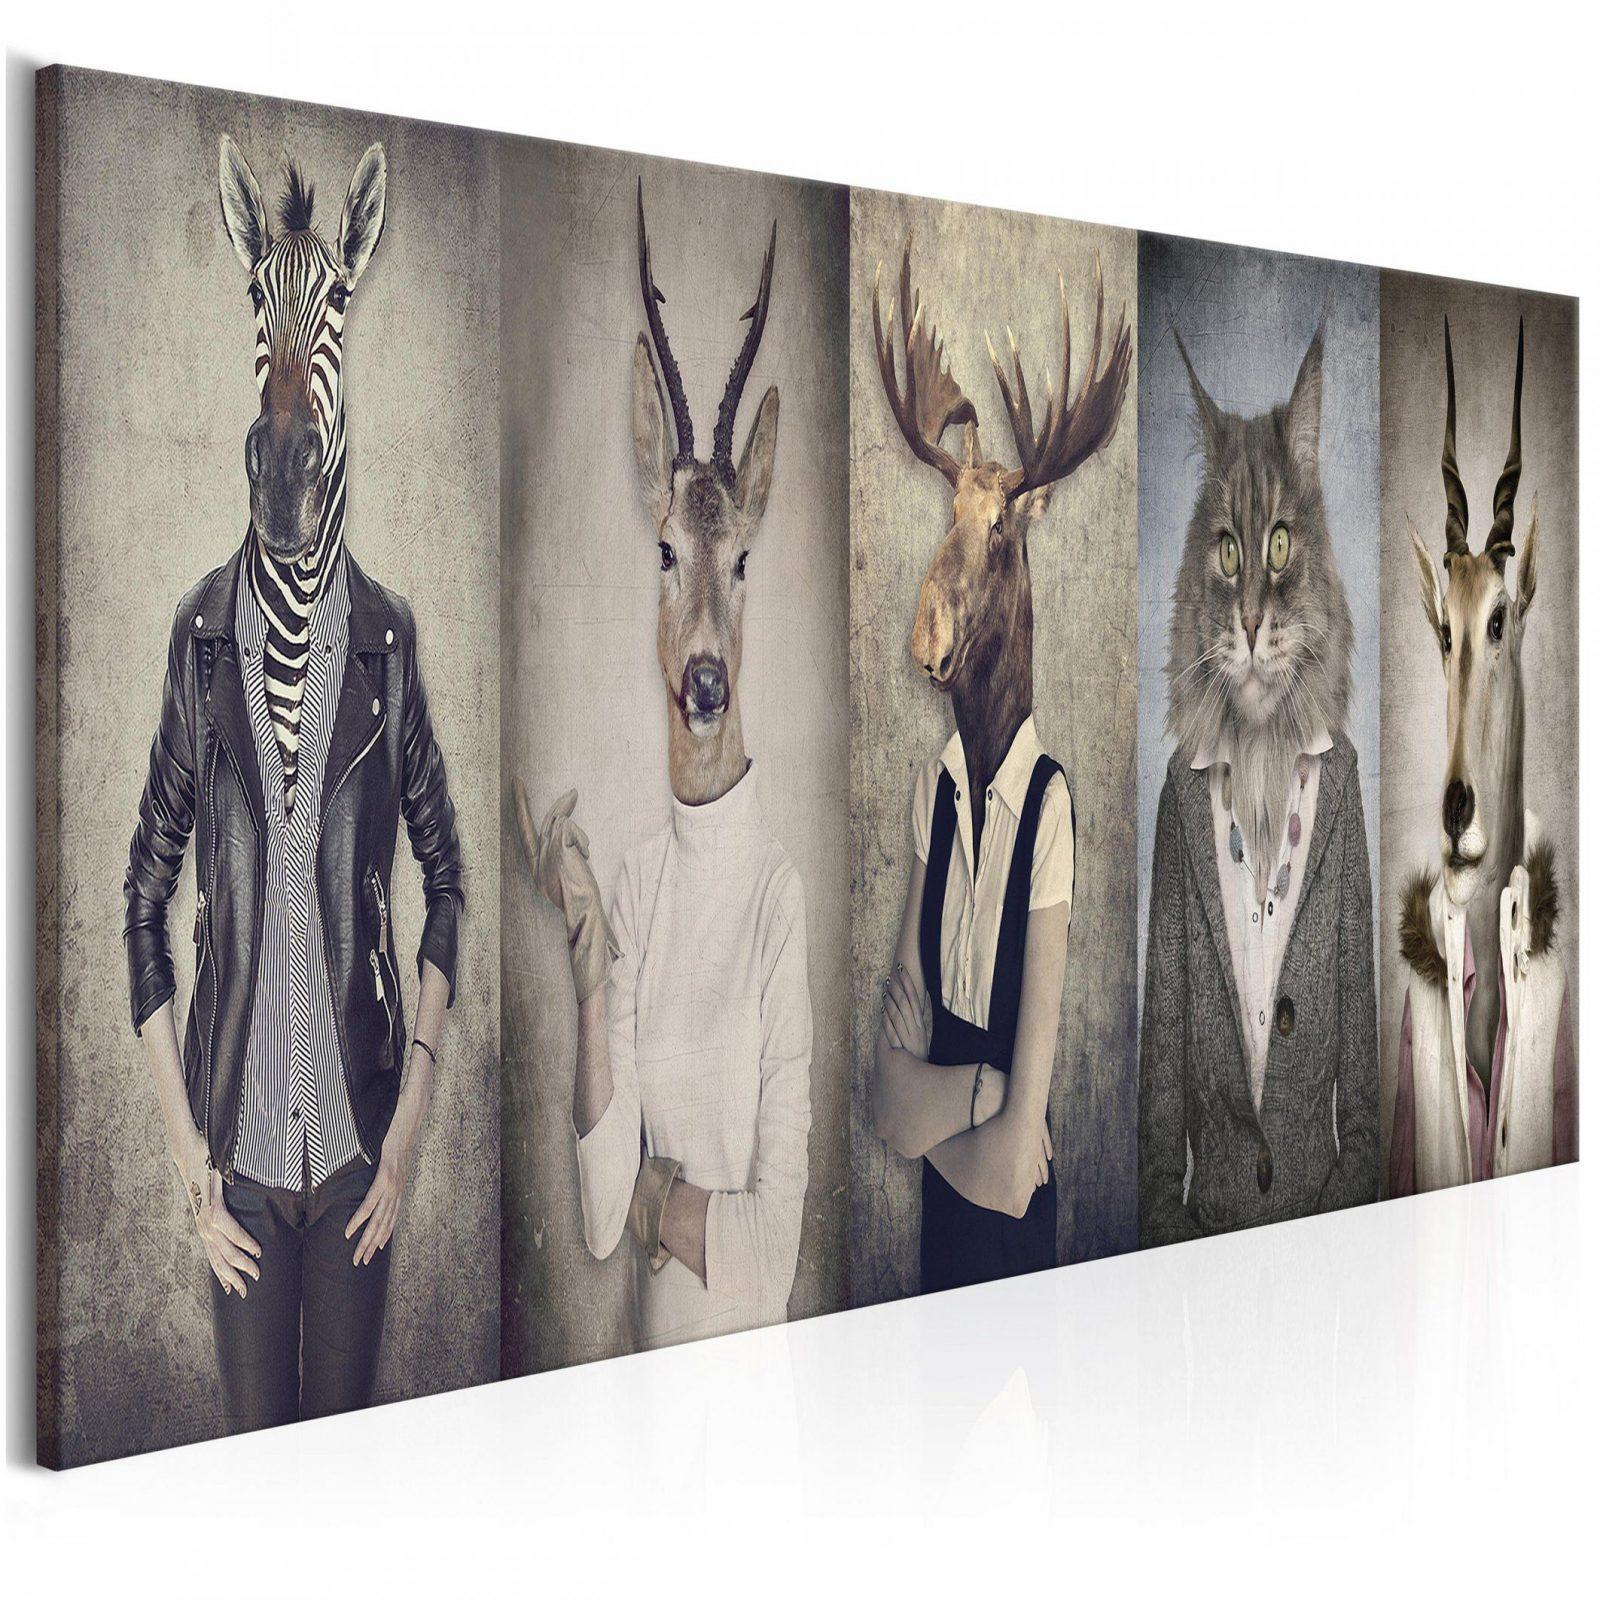 Bilder Leinwand Bild Tiere Katze Retro Vintage Menschen Zebras von Zebra Bilder Auf Leinwand Bild